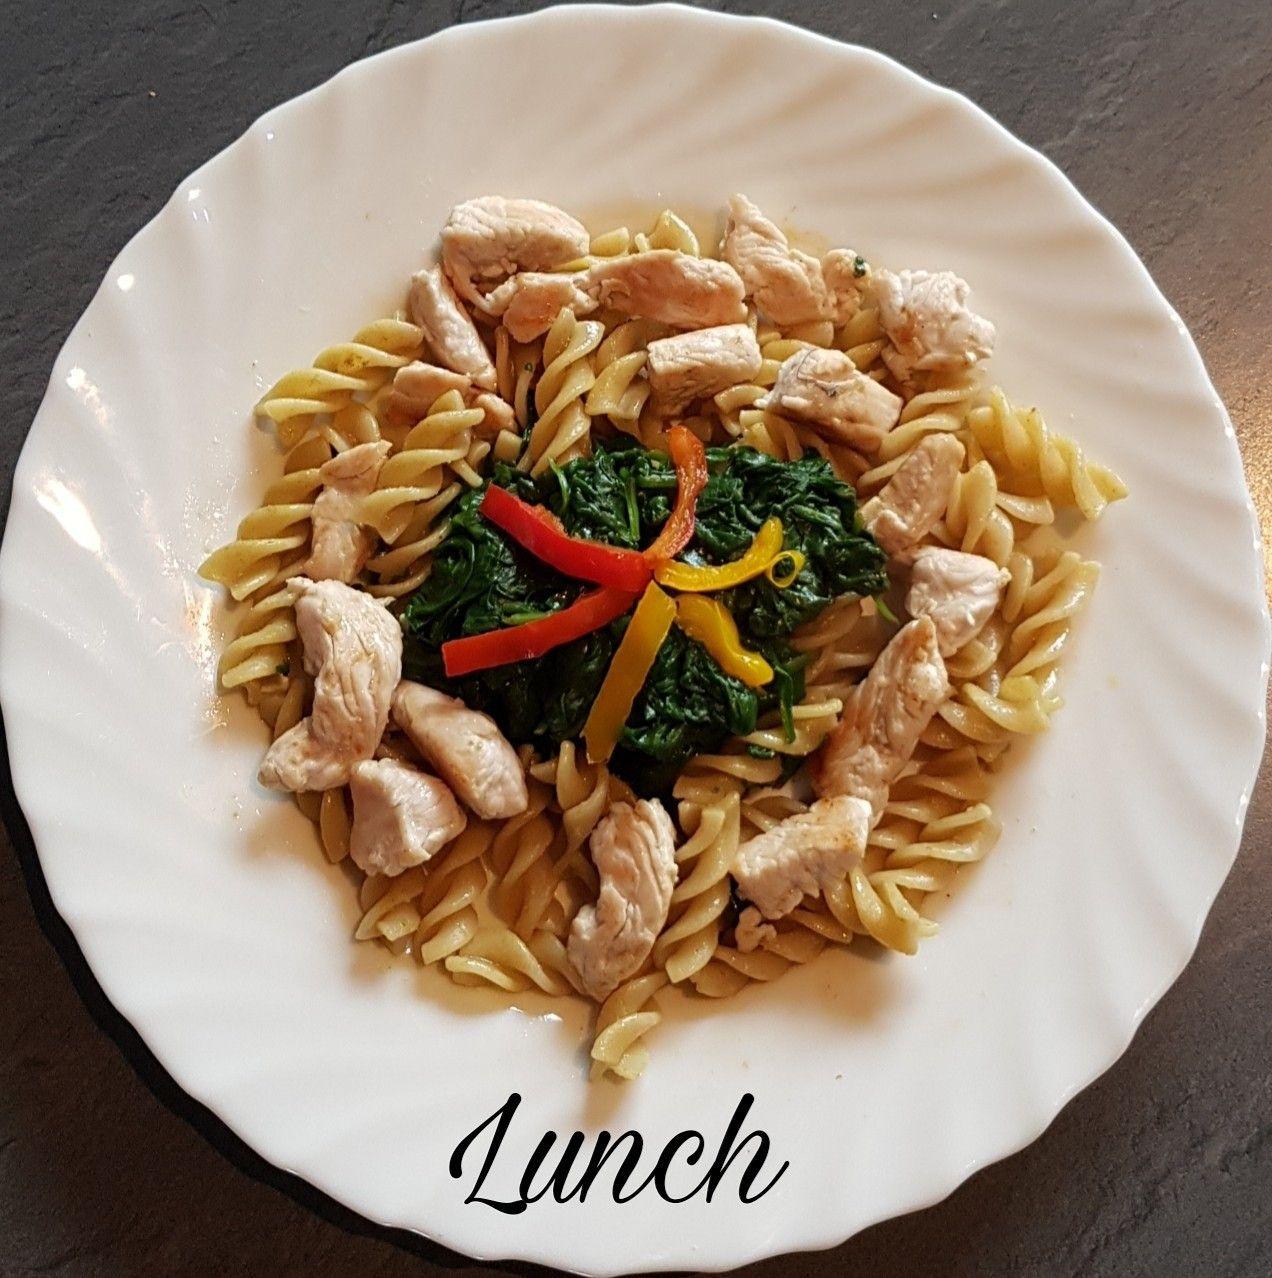 🍃ce midi dans mon assiette🍃 🥗pennes complètes aux épinards frais et huile d'olive 🥗dés de poulet sautés au cumin . Et vous ce midi❔ . ➖ ➖ ➖ ➖ ➖ ➖ ➖ ➖ ➖ ➖ ➖ @https://www.facebook.com/julyfithbc/ 🔹MON BLOG : www.july-fit-hbc.com